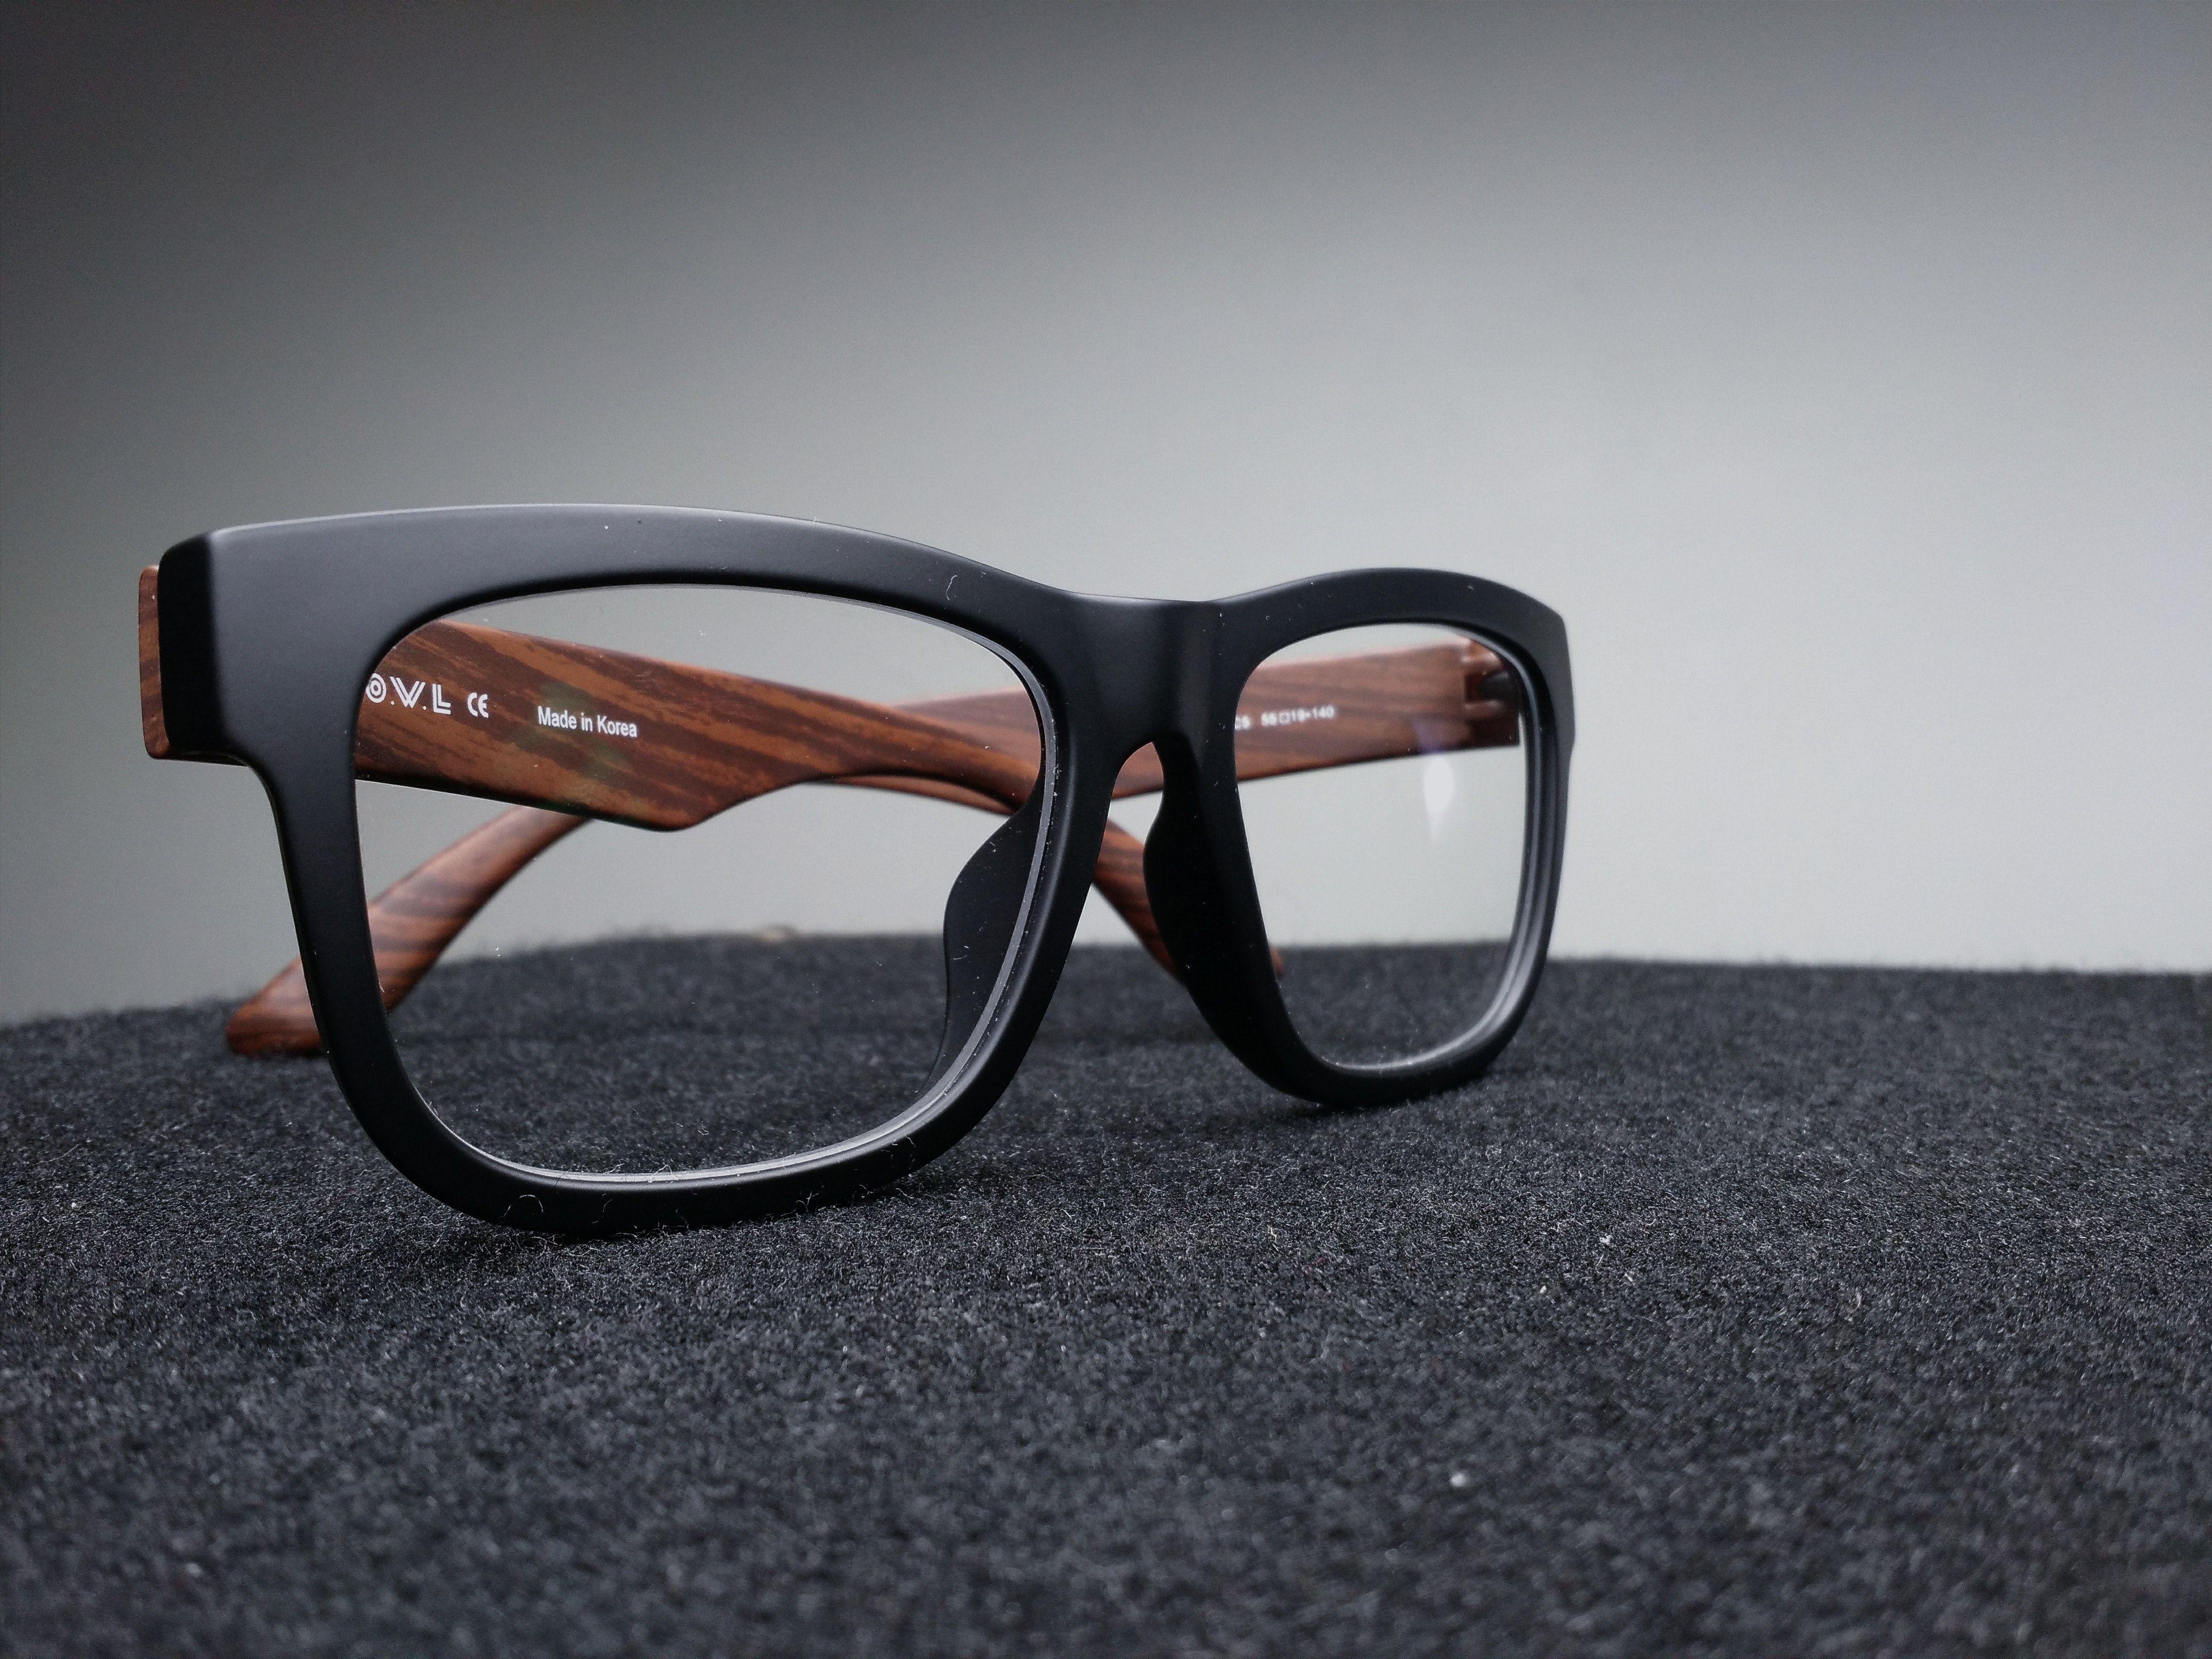 dbeedd3976 Mejores Gafas para Computadora 2019 | guiasdeproductos.com